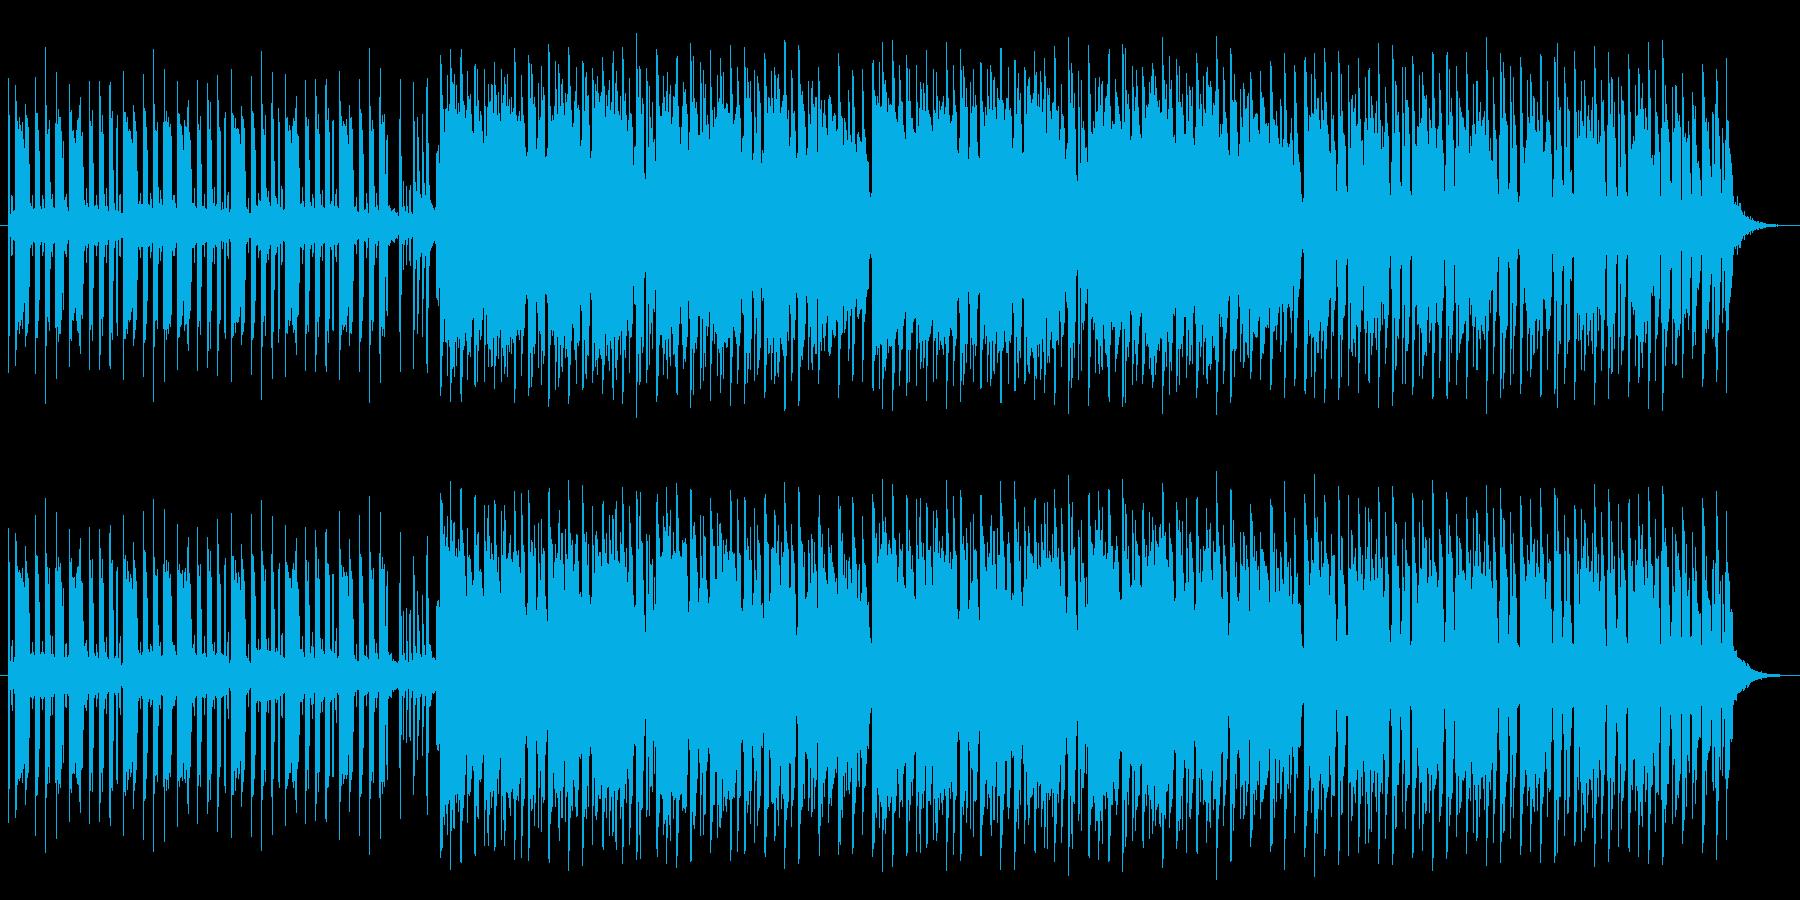 カッティングがファンキーな夏っぽい楽曲の再生済みの波形